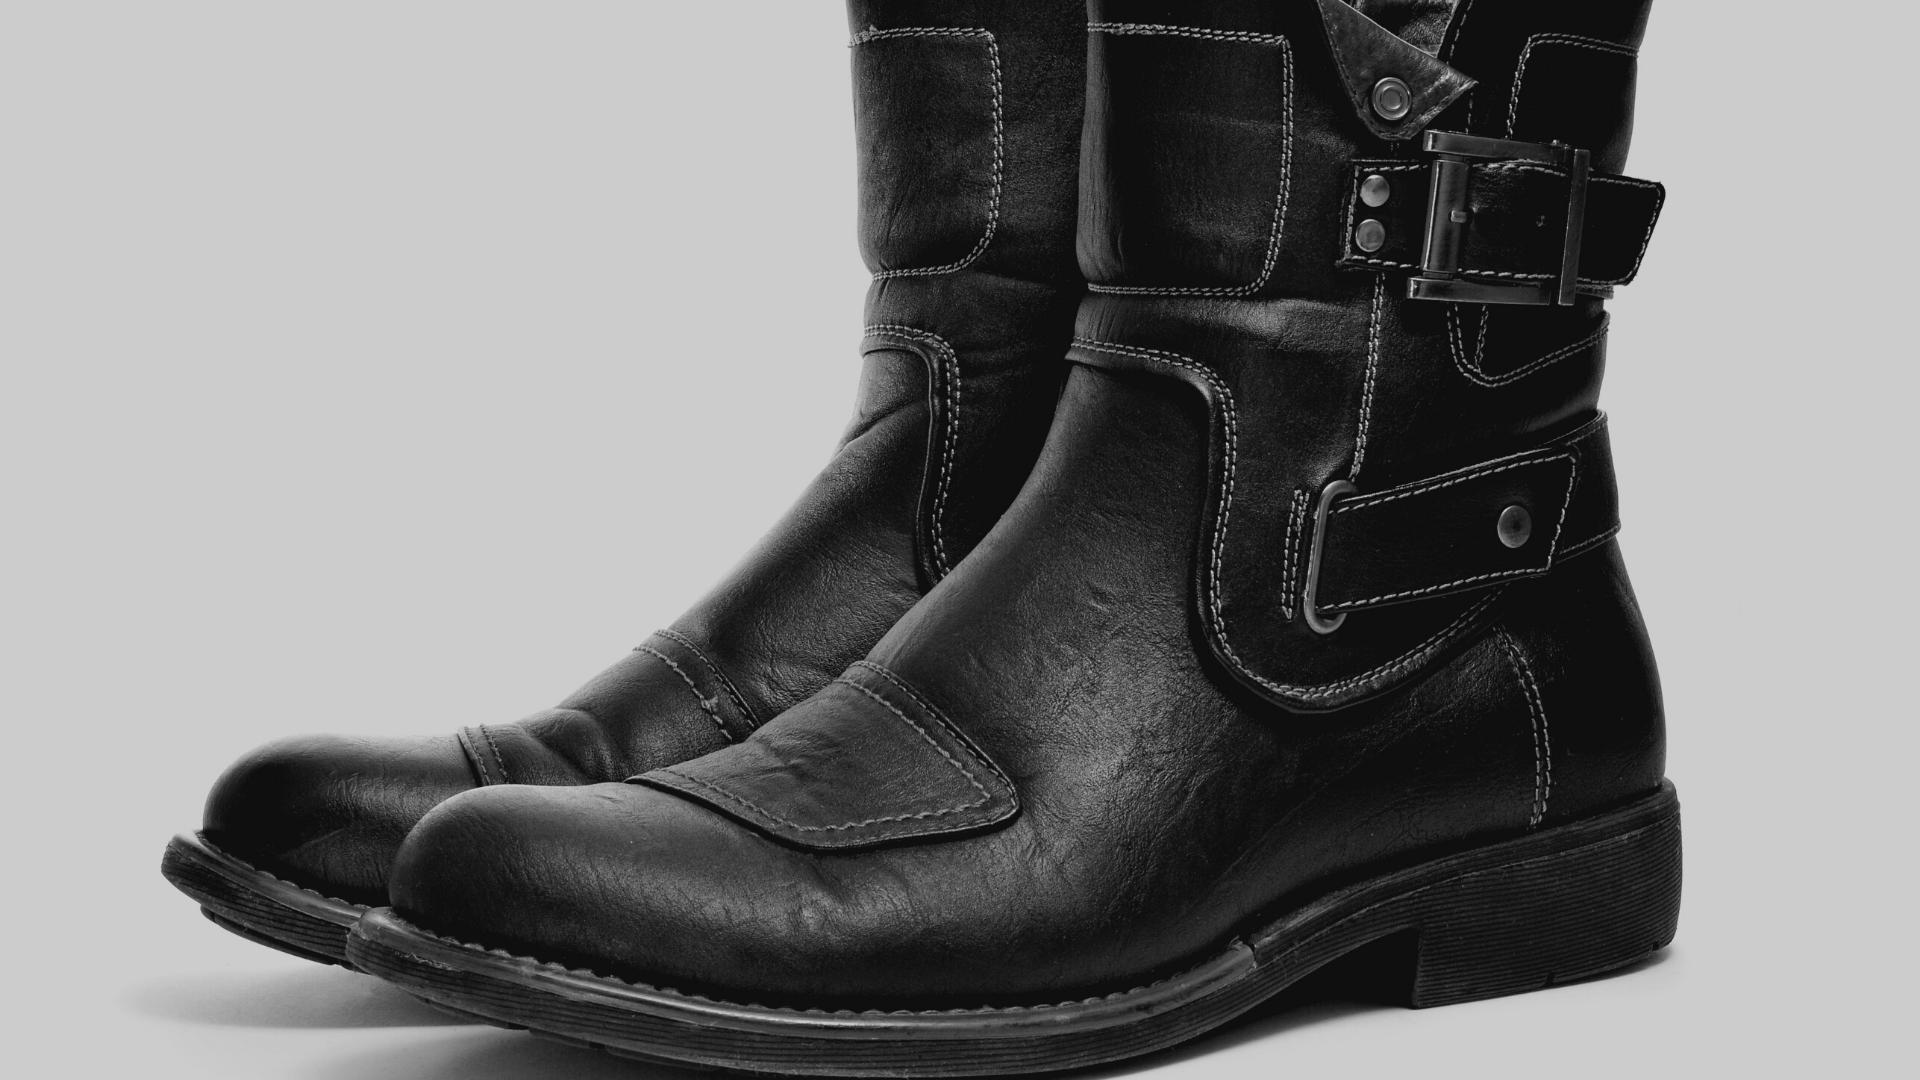 Foto di stivali texani da uomo neri